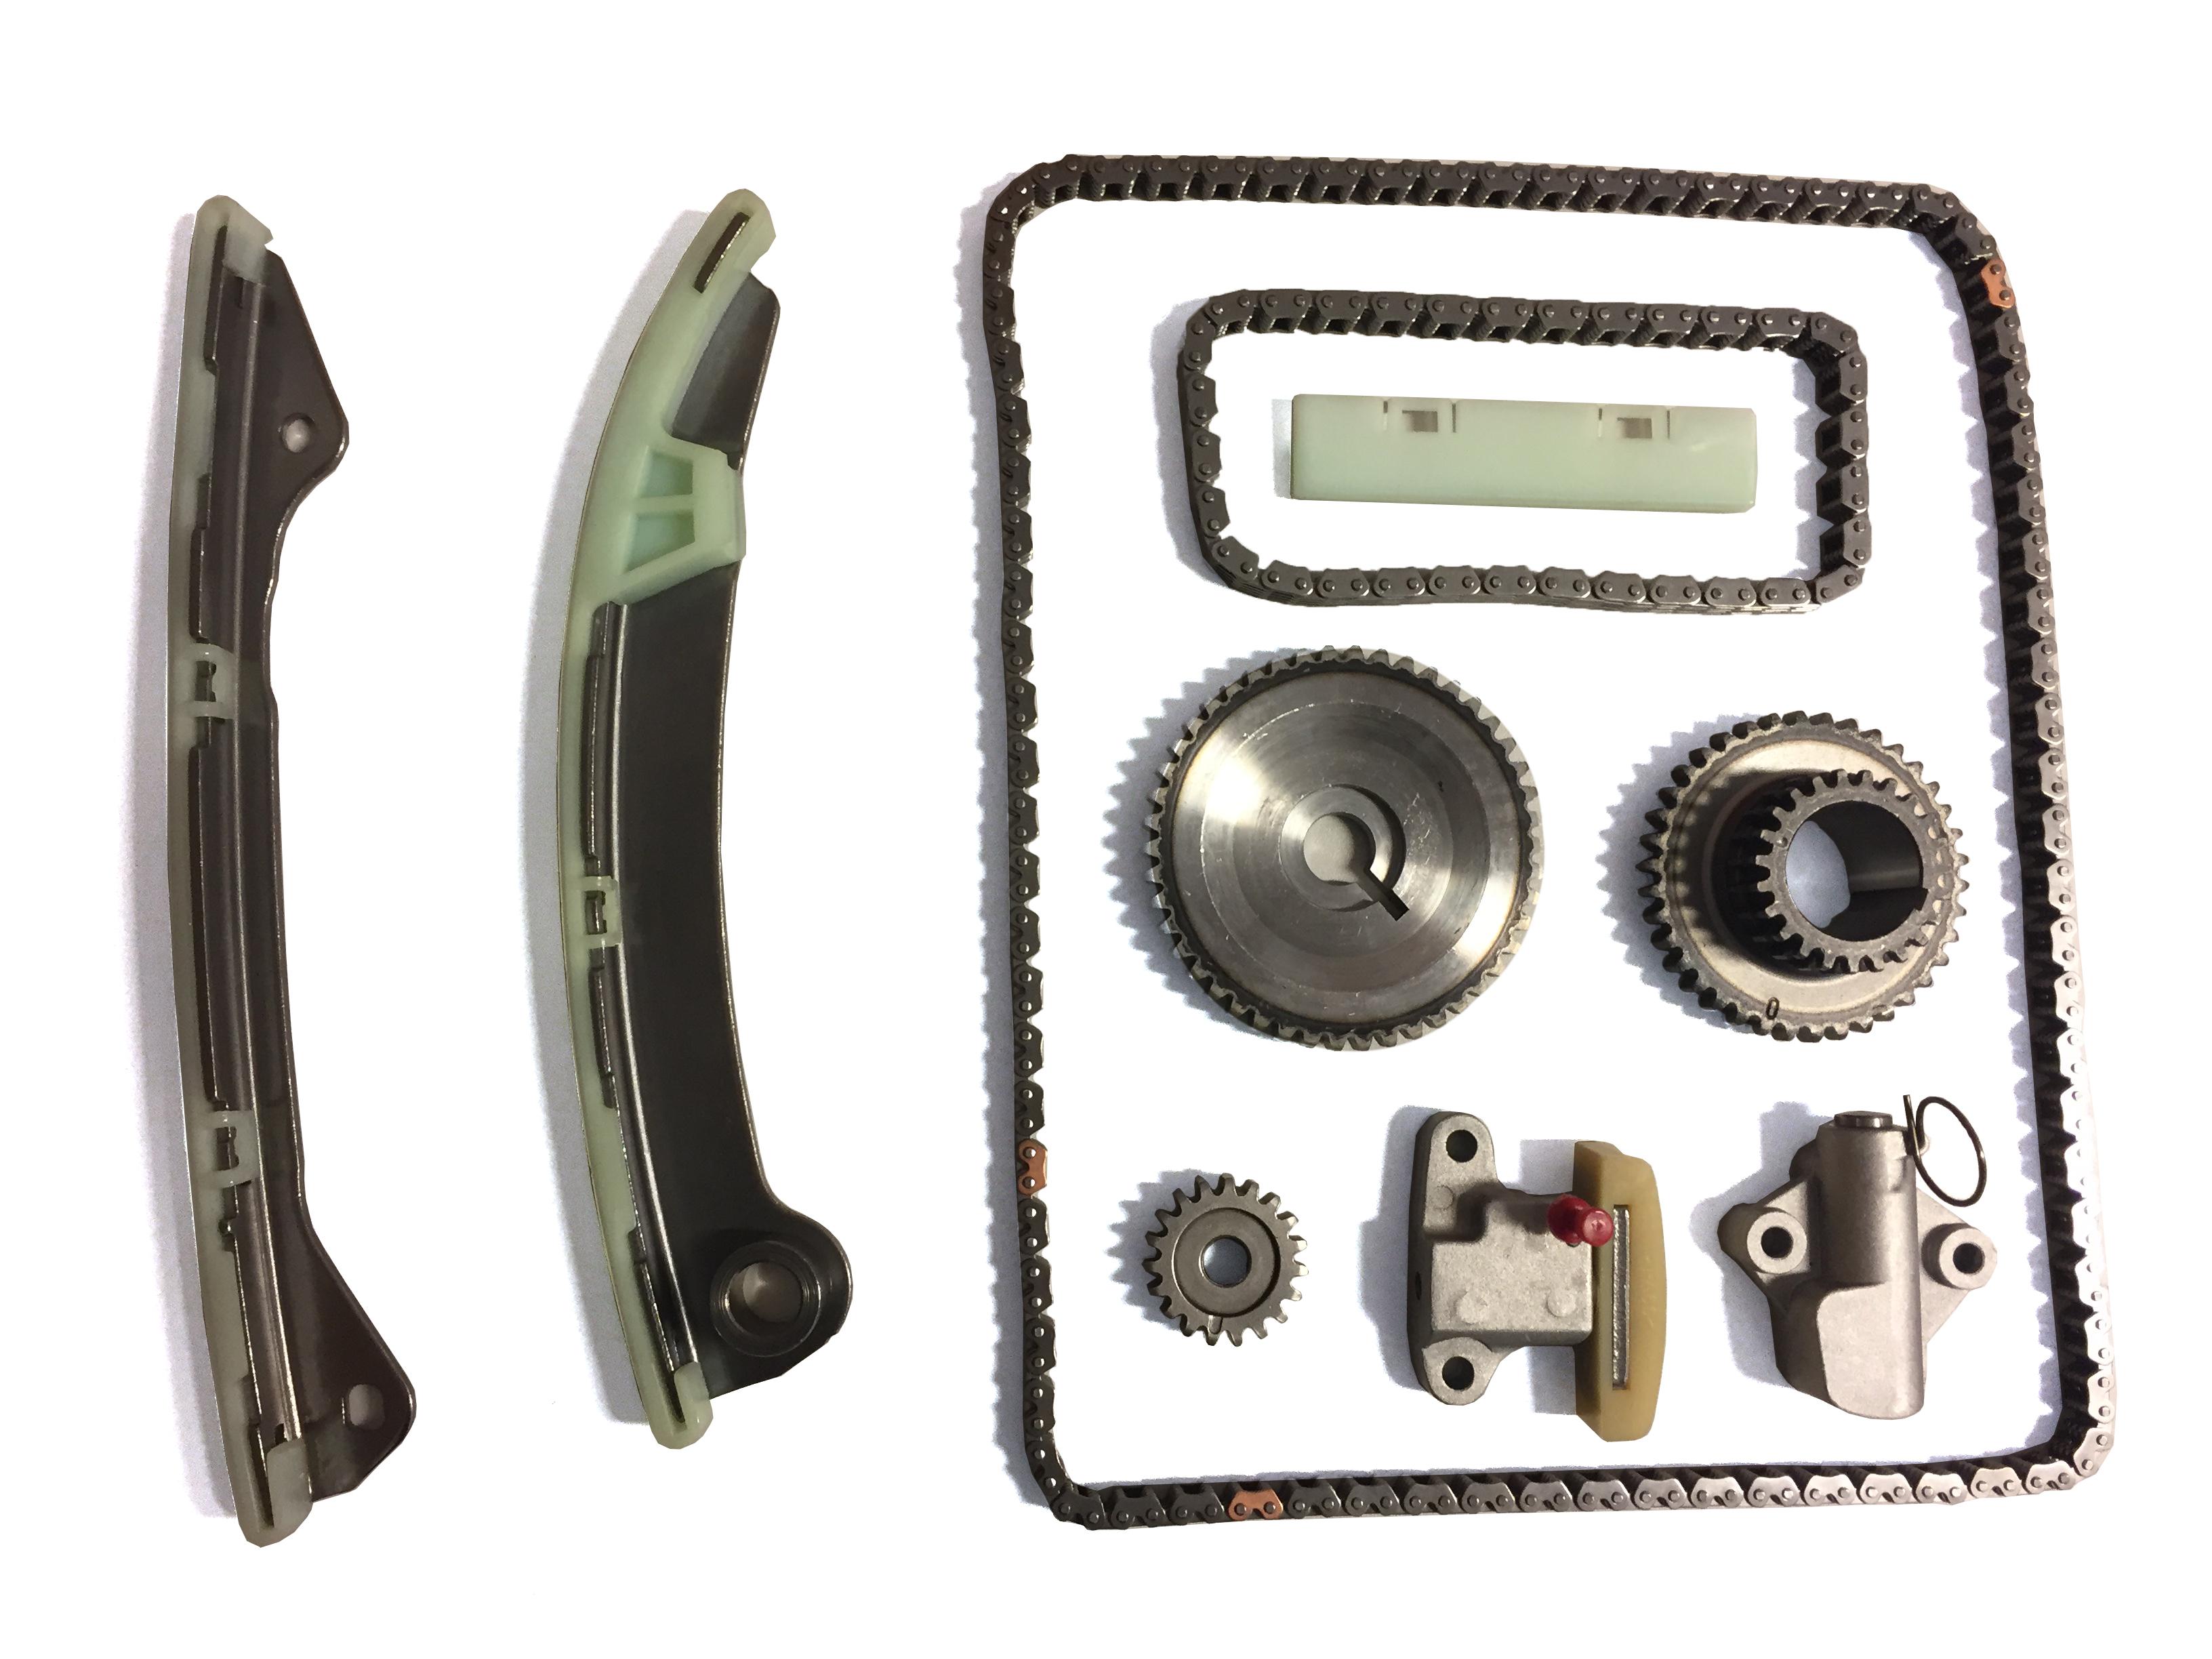 Kit de cadena de distribución la Cadena juego de cadenas para Nissan T31 2,0 MR20DE NUEVO